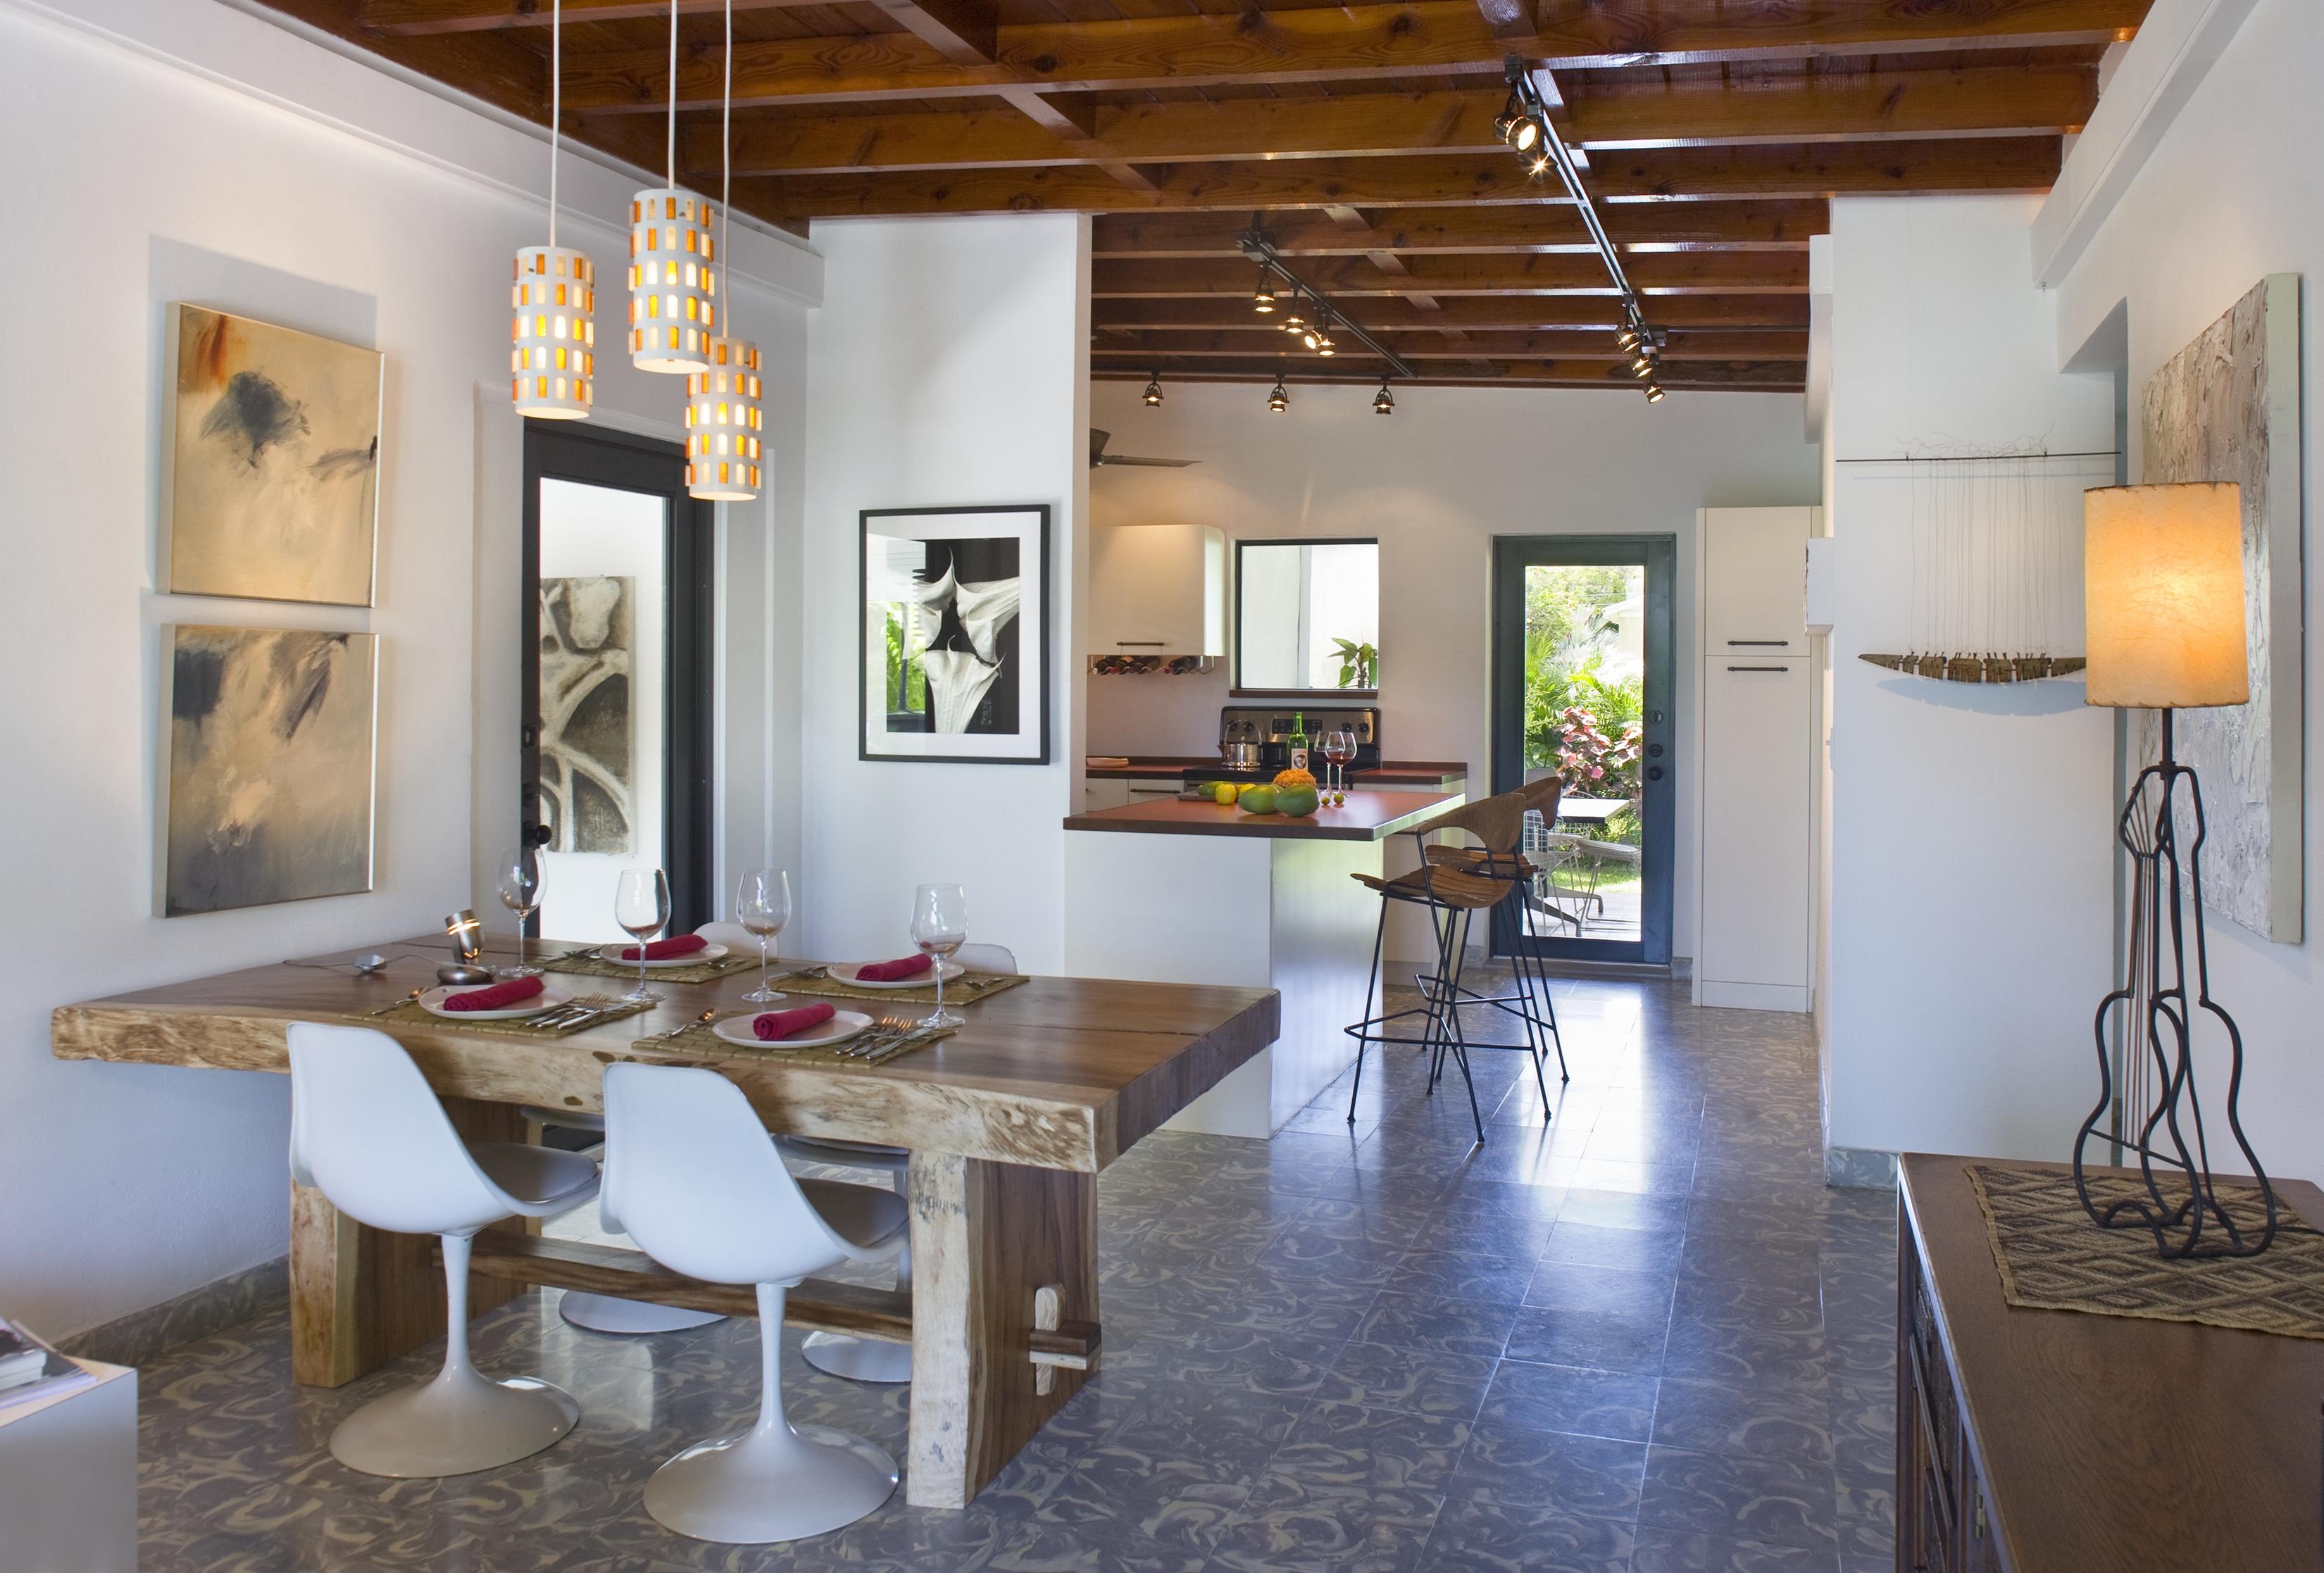 1517 Washington St. Key West, Dining Room and Kitchen